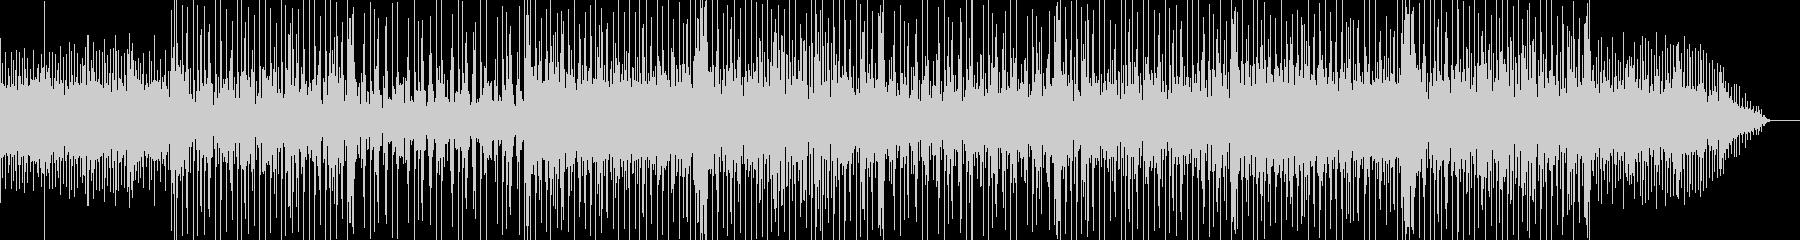 怪しく切ない雰囲気のBGMの未再生の波形